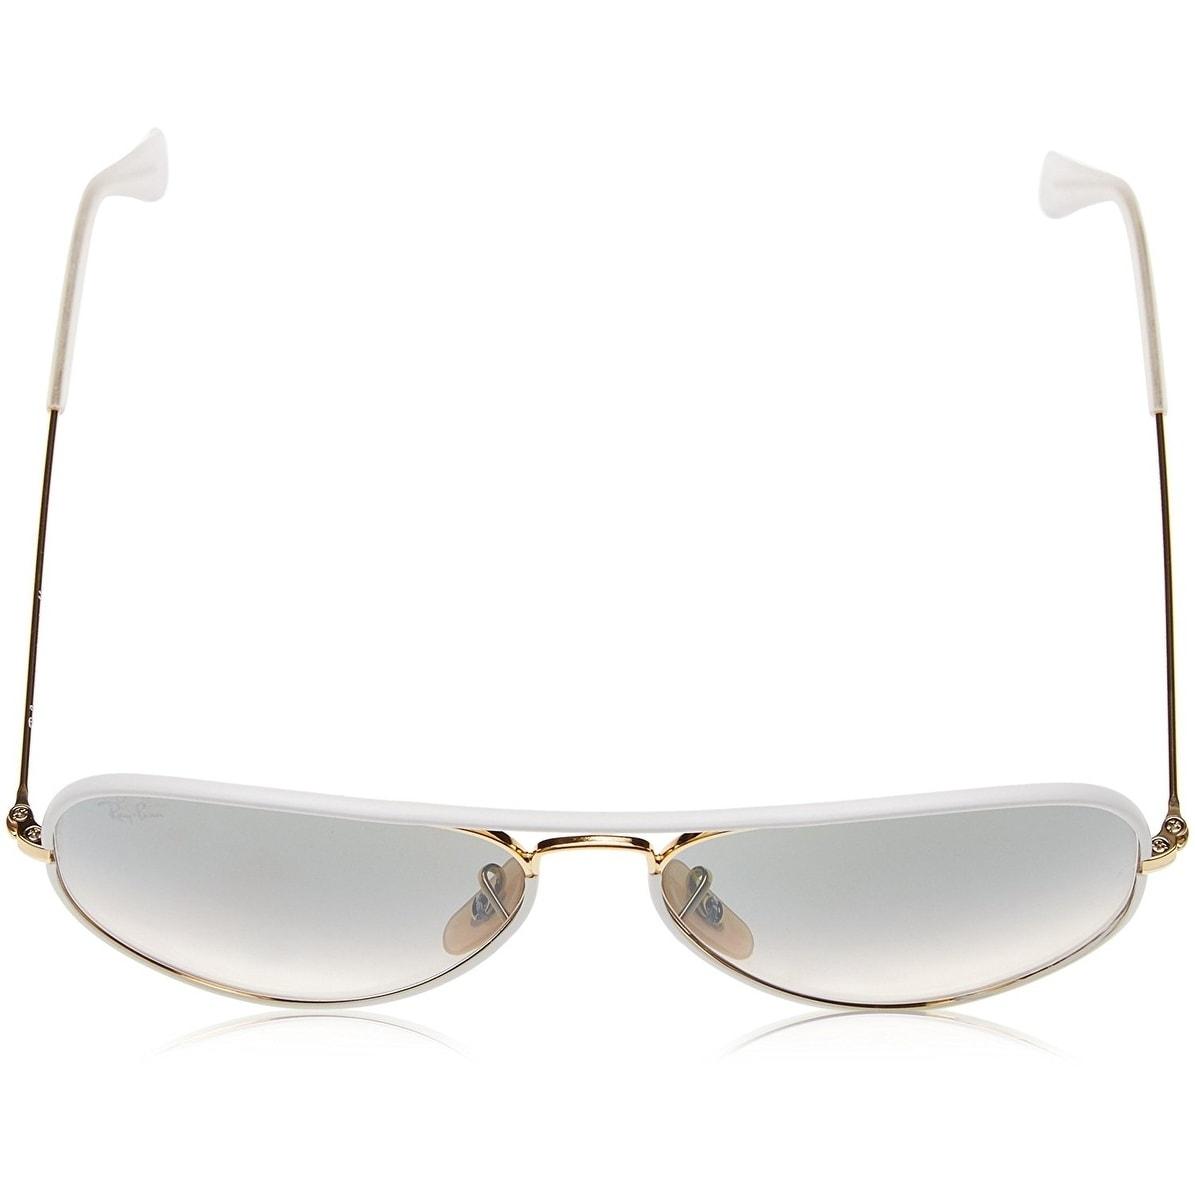 6c421873e6 ... ireland shop ray ban rb3025jm aviator full color white gold frame light  grey gradient 55mm lens